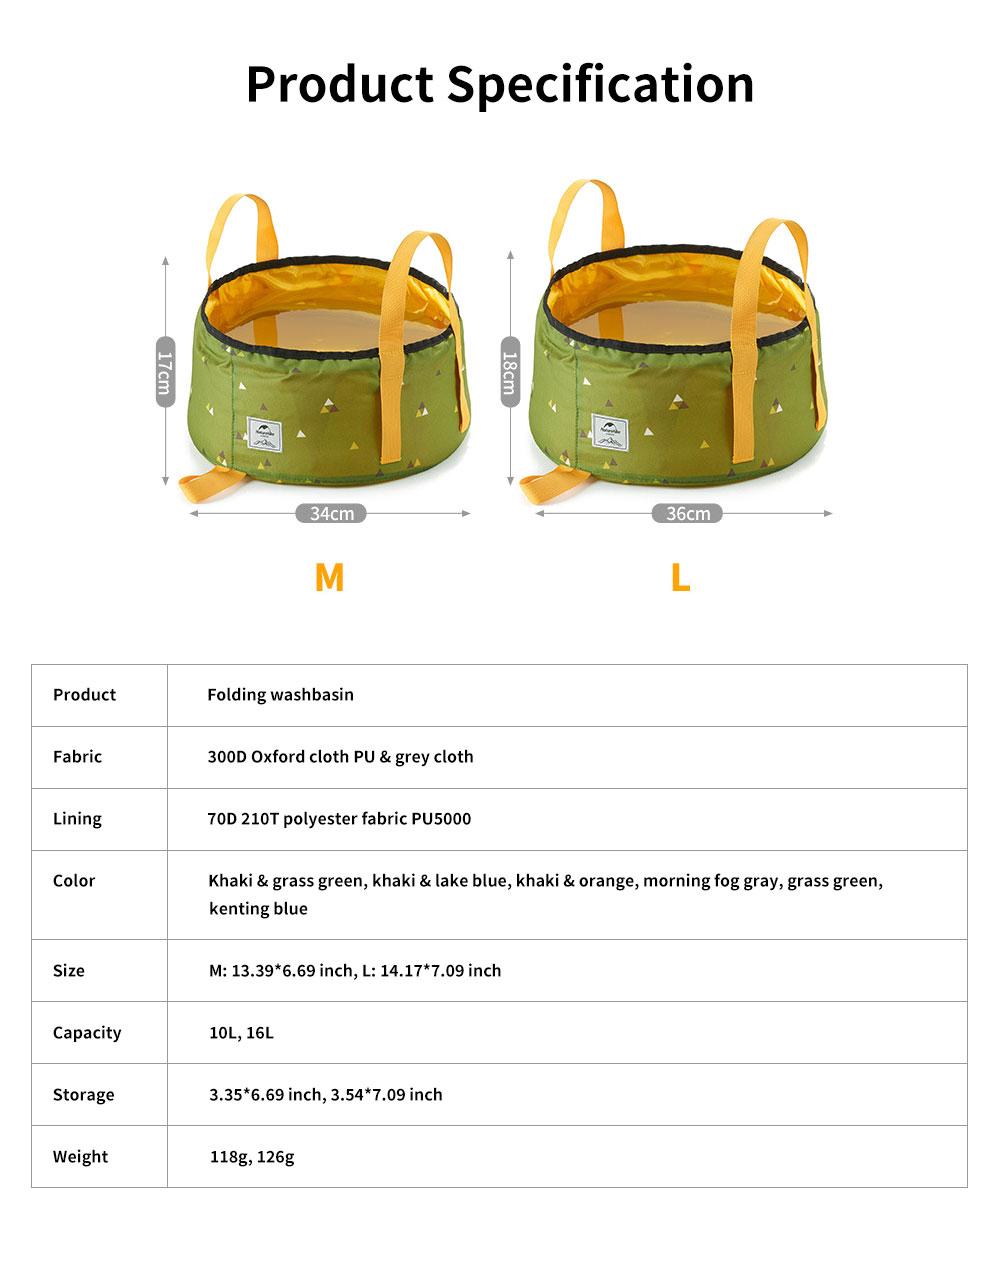 NH Folding Washbasin Water Bucket Environmental PVC Portable Outdoor Hot Water Travel Foot Basin 6